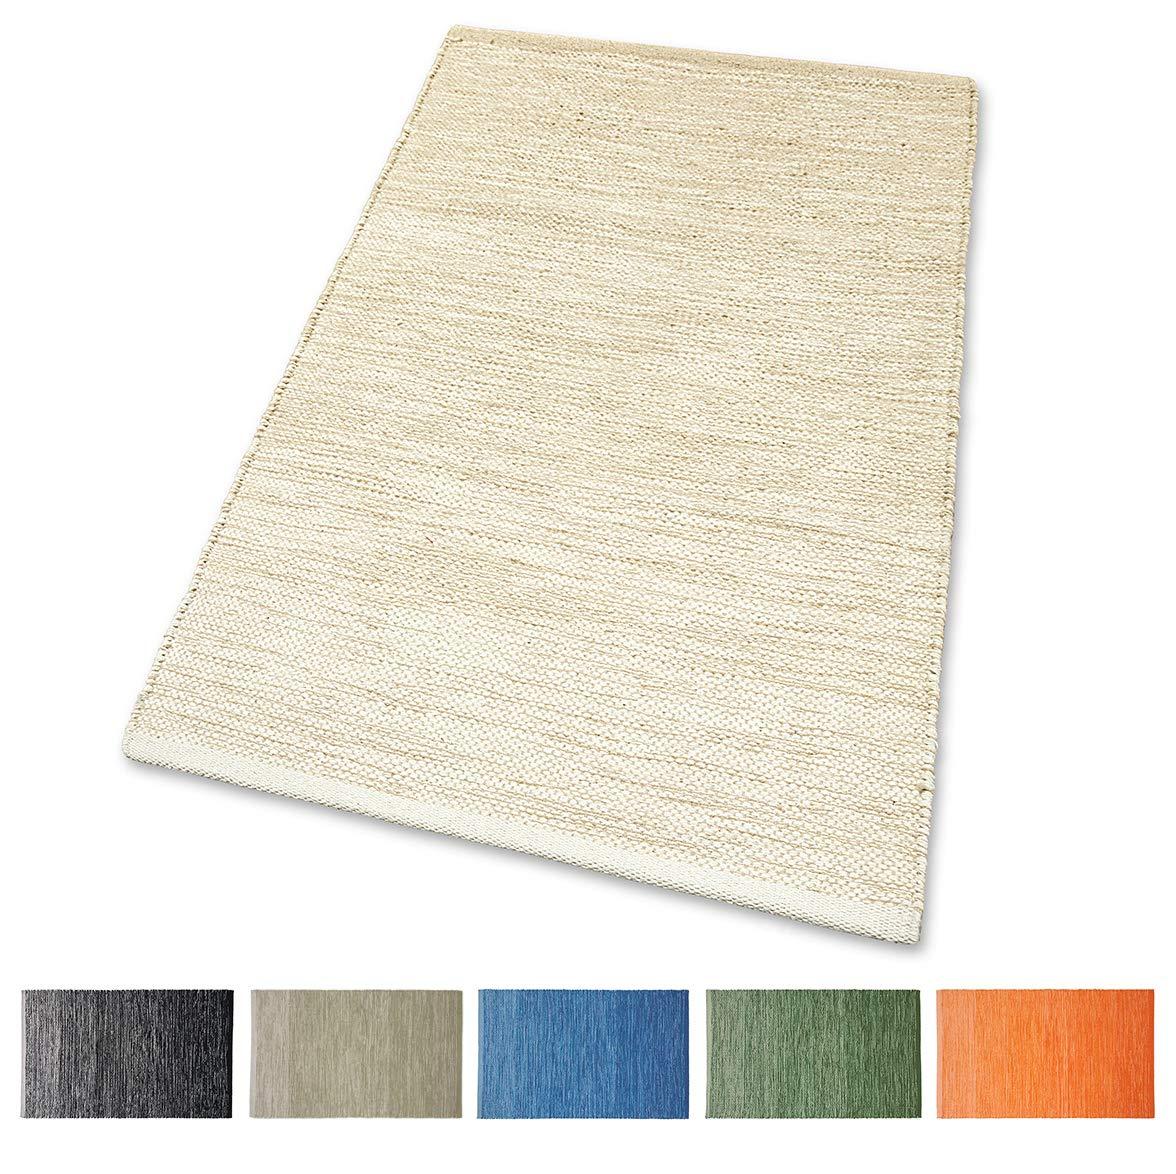 Tappeto Cotone Lavabile Wave Bagno Cucina Antiscivolo 50x80 60x120 Cinigliato Vari colori Lavabile in Lavatrice 30/° Beige, 60 x 120 cm